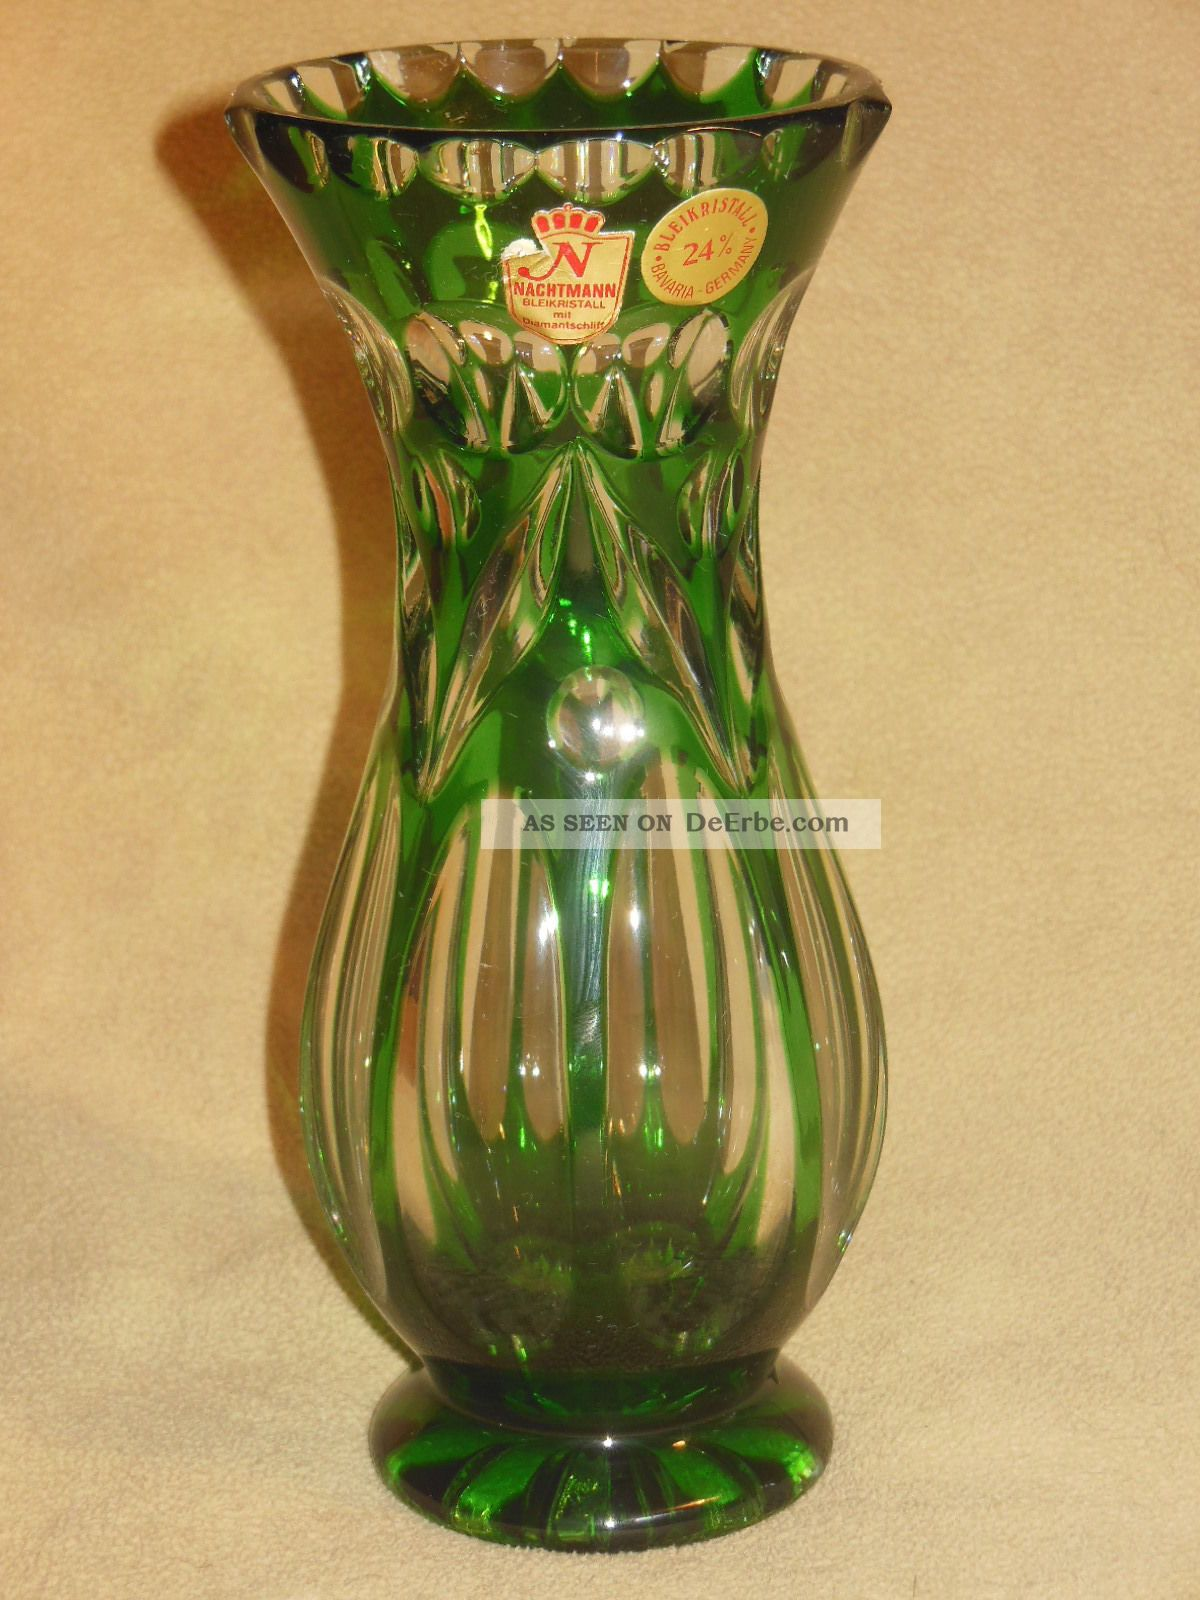 nachtmann bleikristall diamantschliff vase tischvase. Black Bedroom Furniture Sets. Home Design Ideas